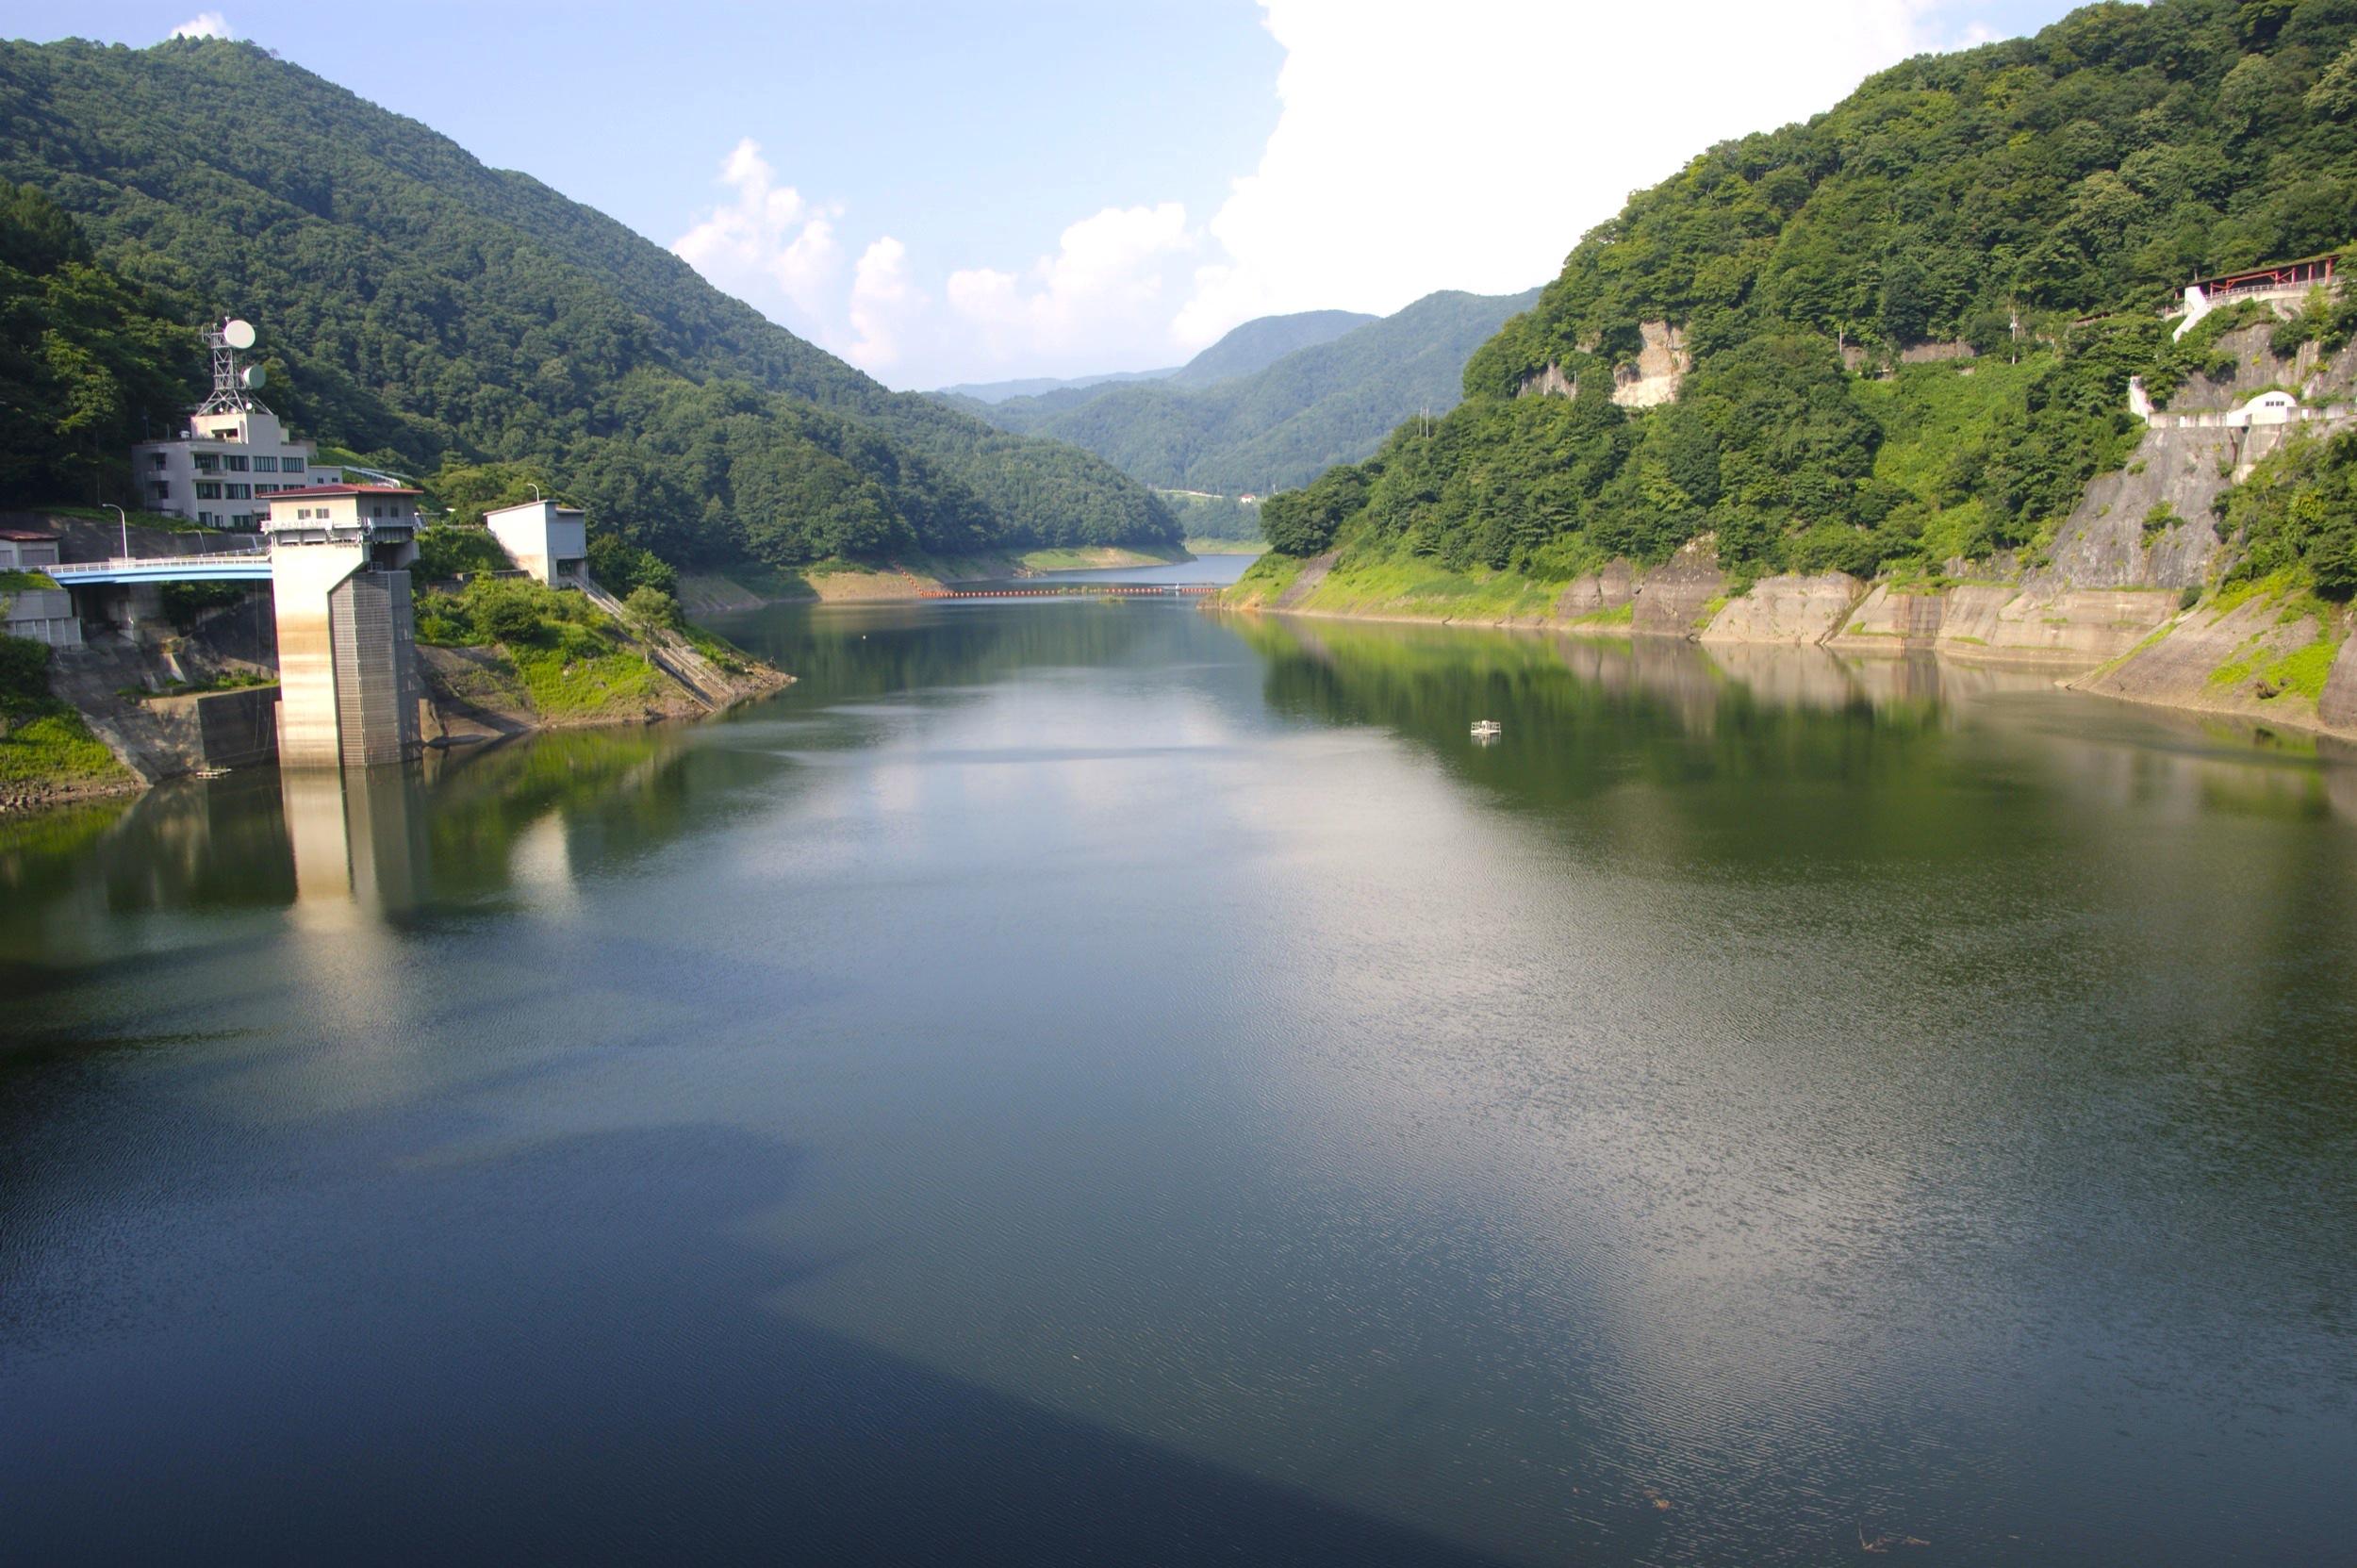 藤原湖(藤原ダム)